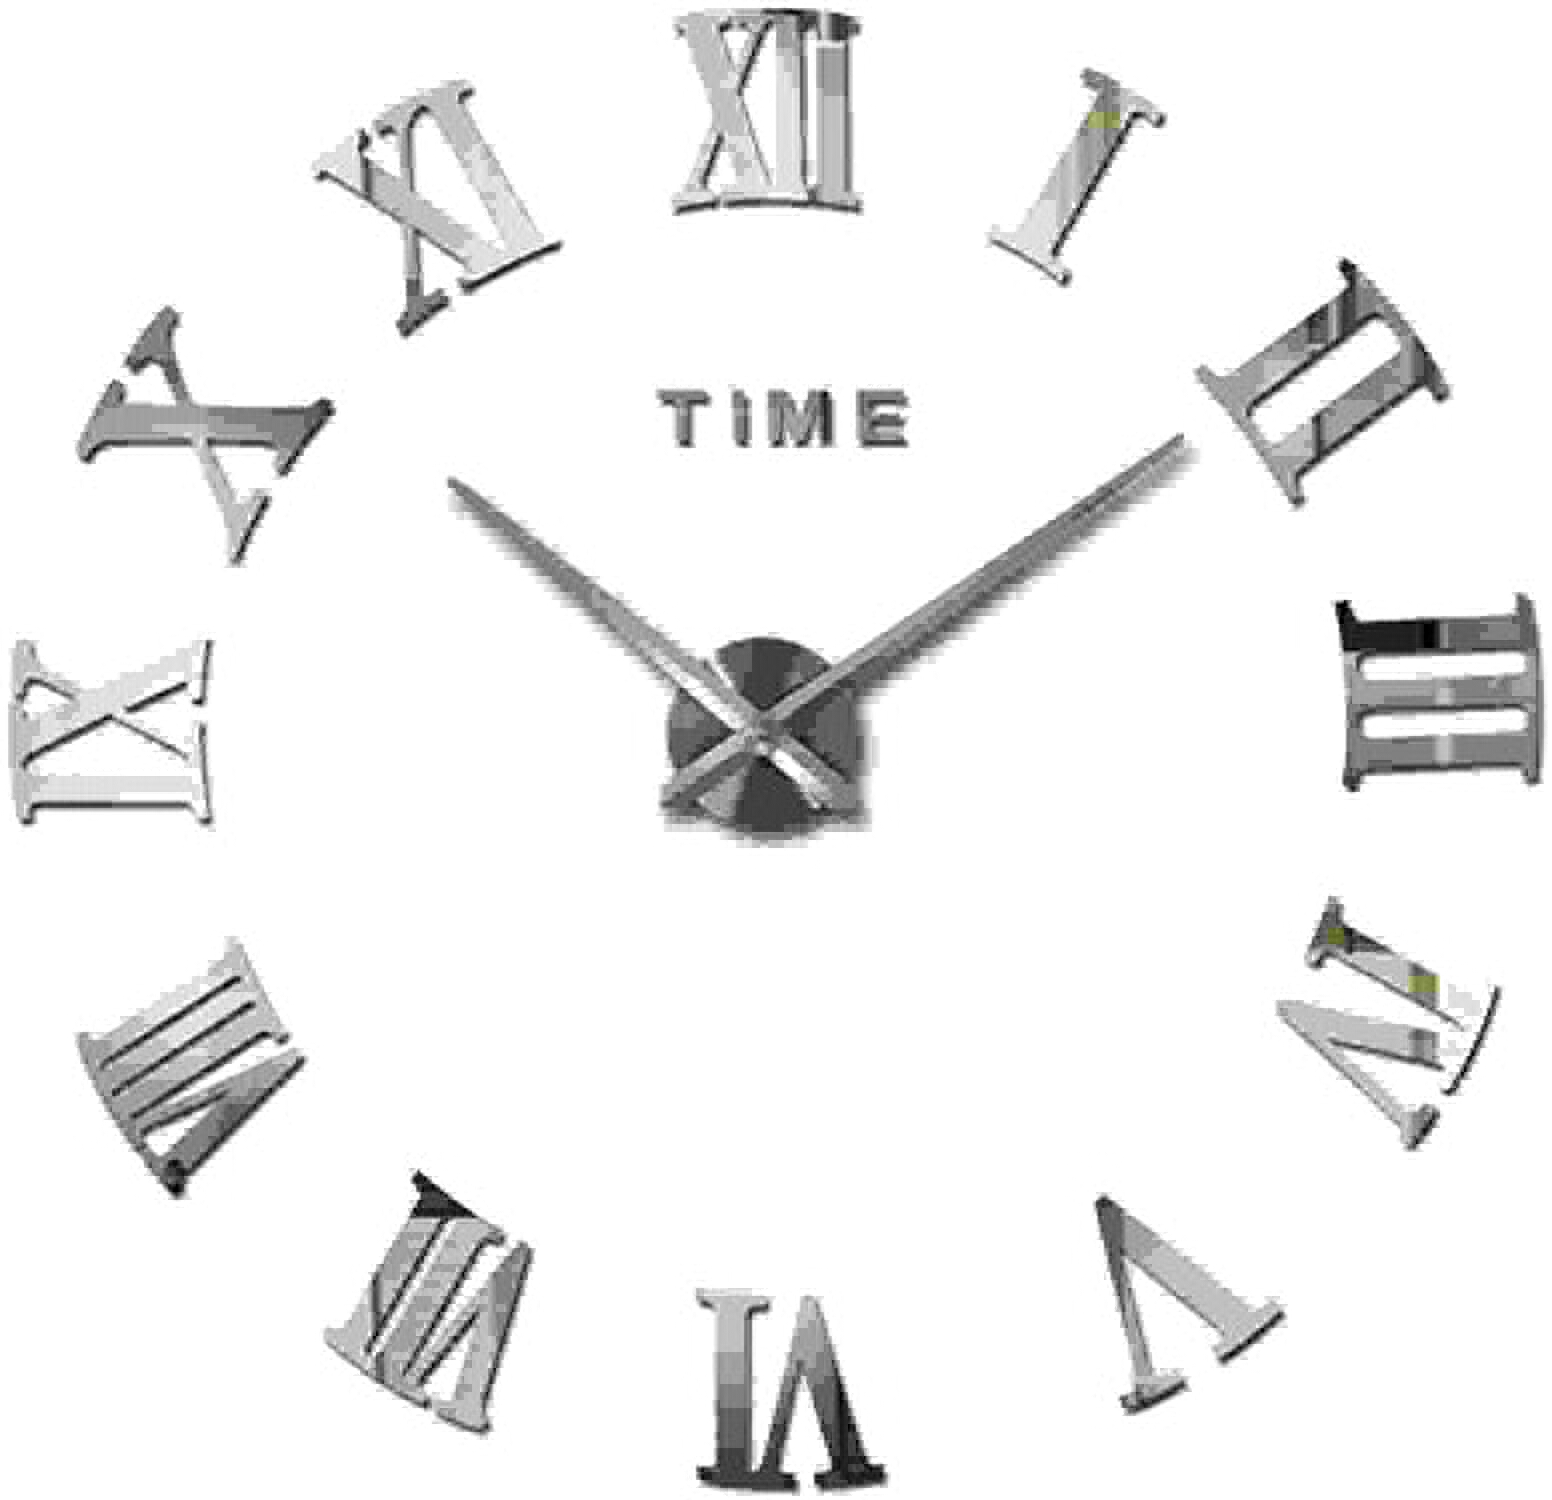 tienda Dceer Reloj de de de Parojo Creativo con la Etiqueta de Bricolaje, Reloj de Arte Minimalista Ultra silencioso, Etiqueta de la Parojo, decoración de la Parojo (Color   plata)  aquí tiene la última